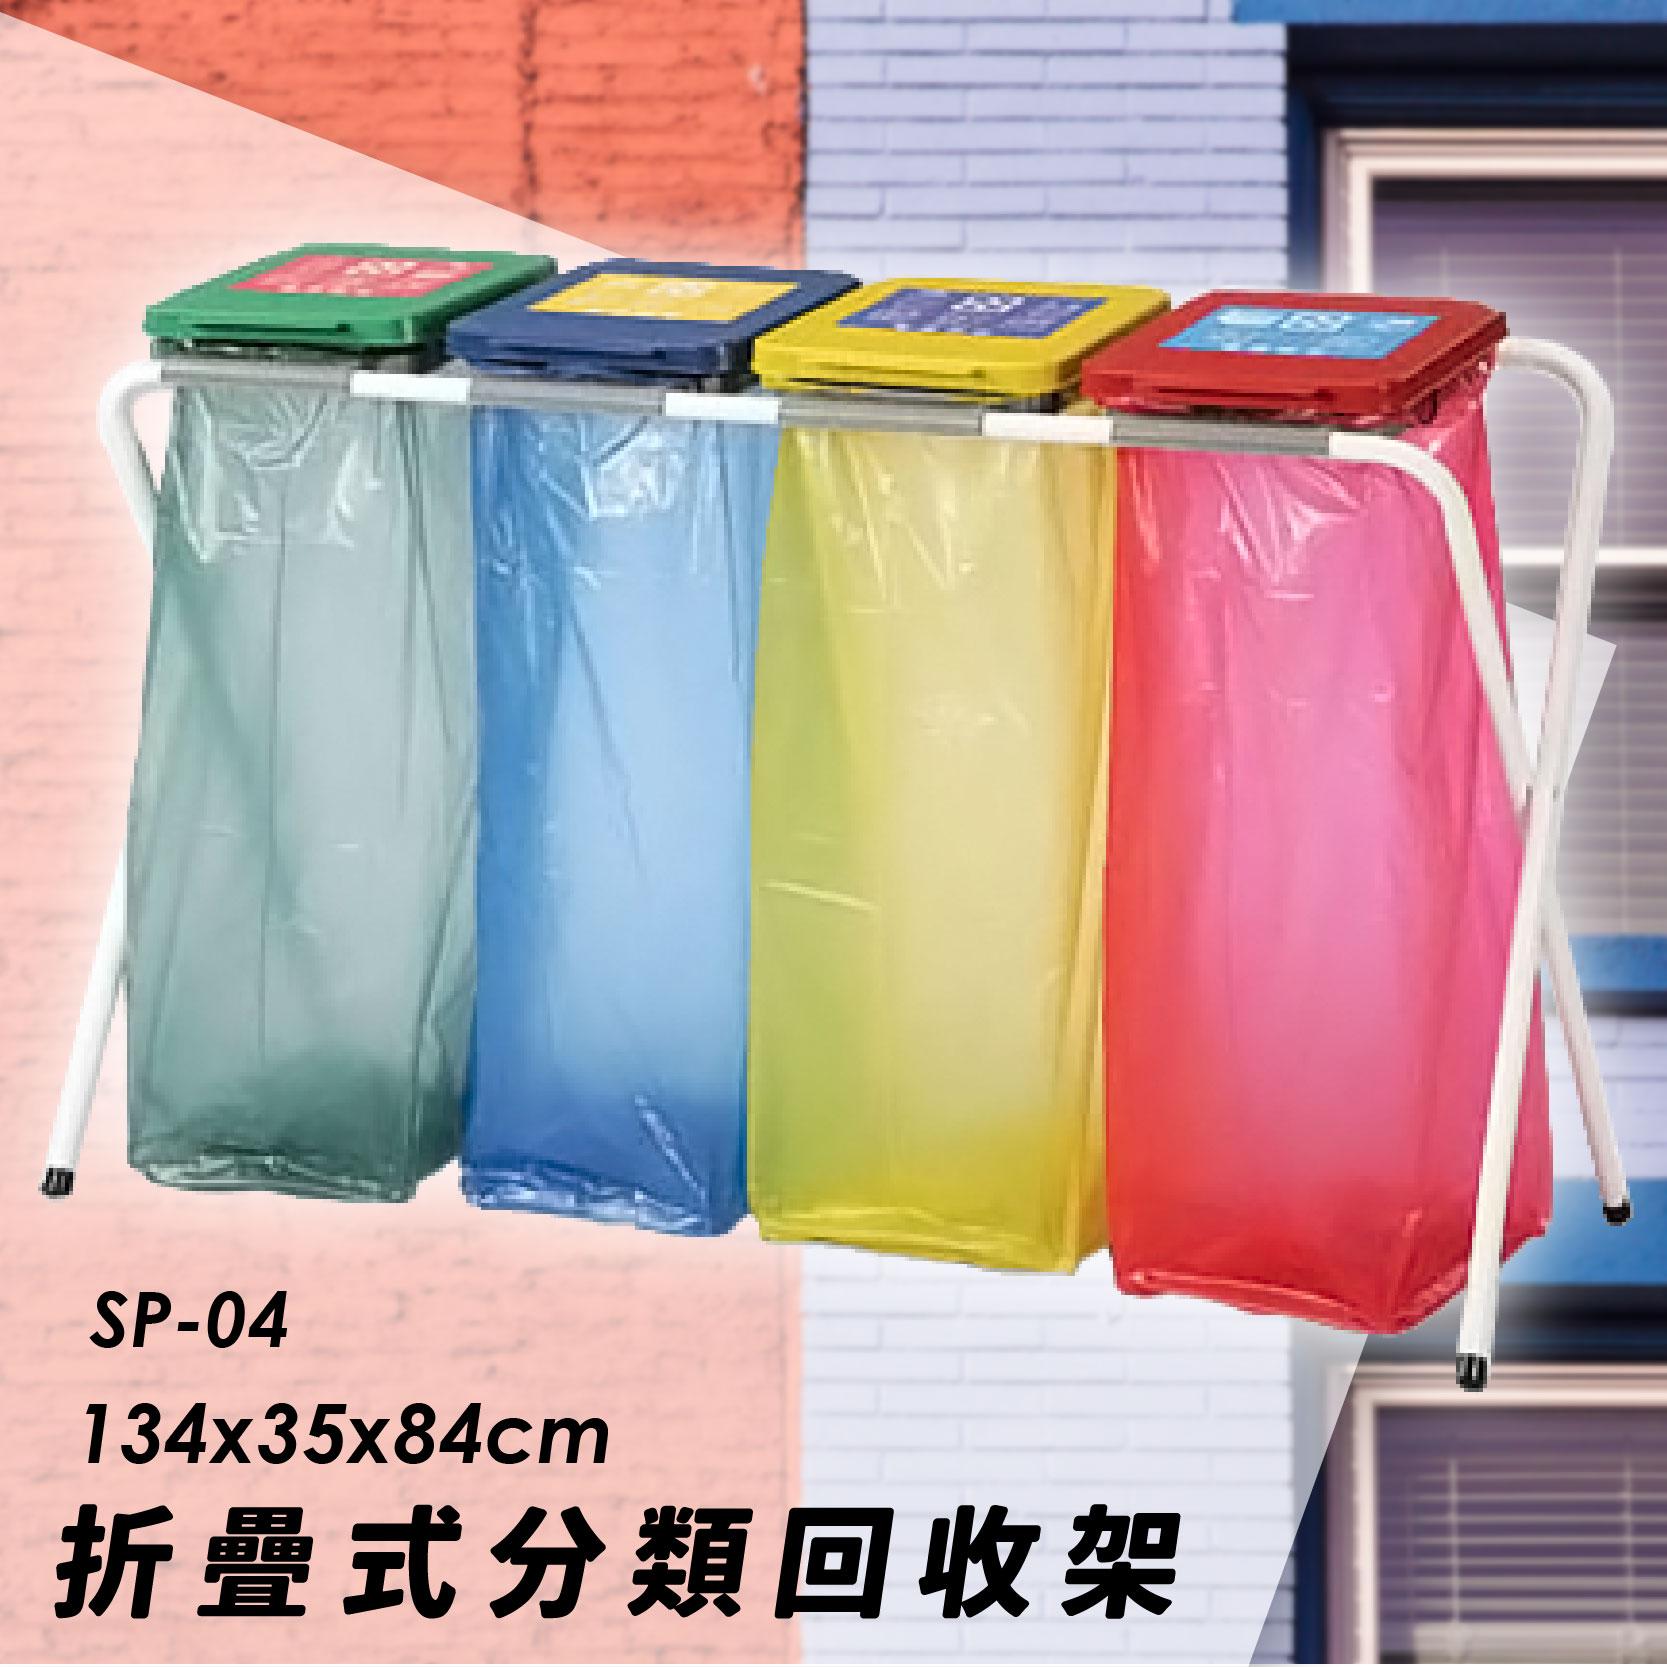 SP-04 四分類折疊式分類回收架(51公升/個) 回收桶 資源回收桶 環保分類桶 分類垃圾桶 鋼管 環境清潔 歐洲認證